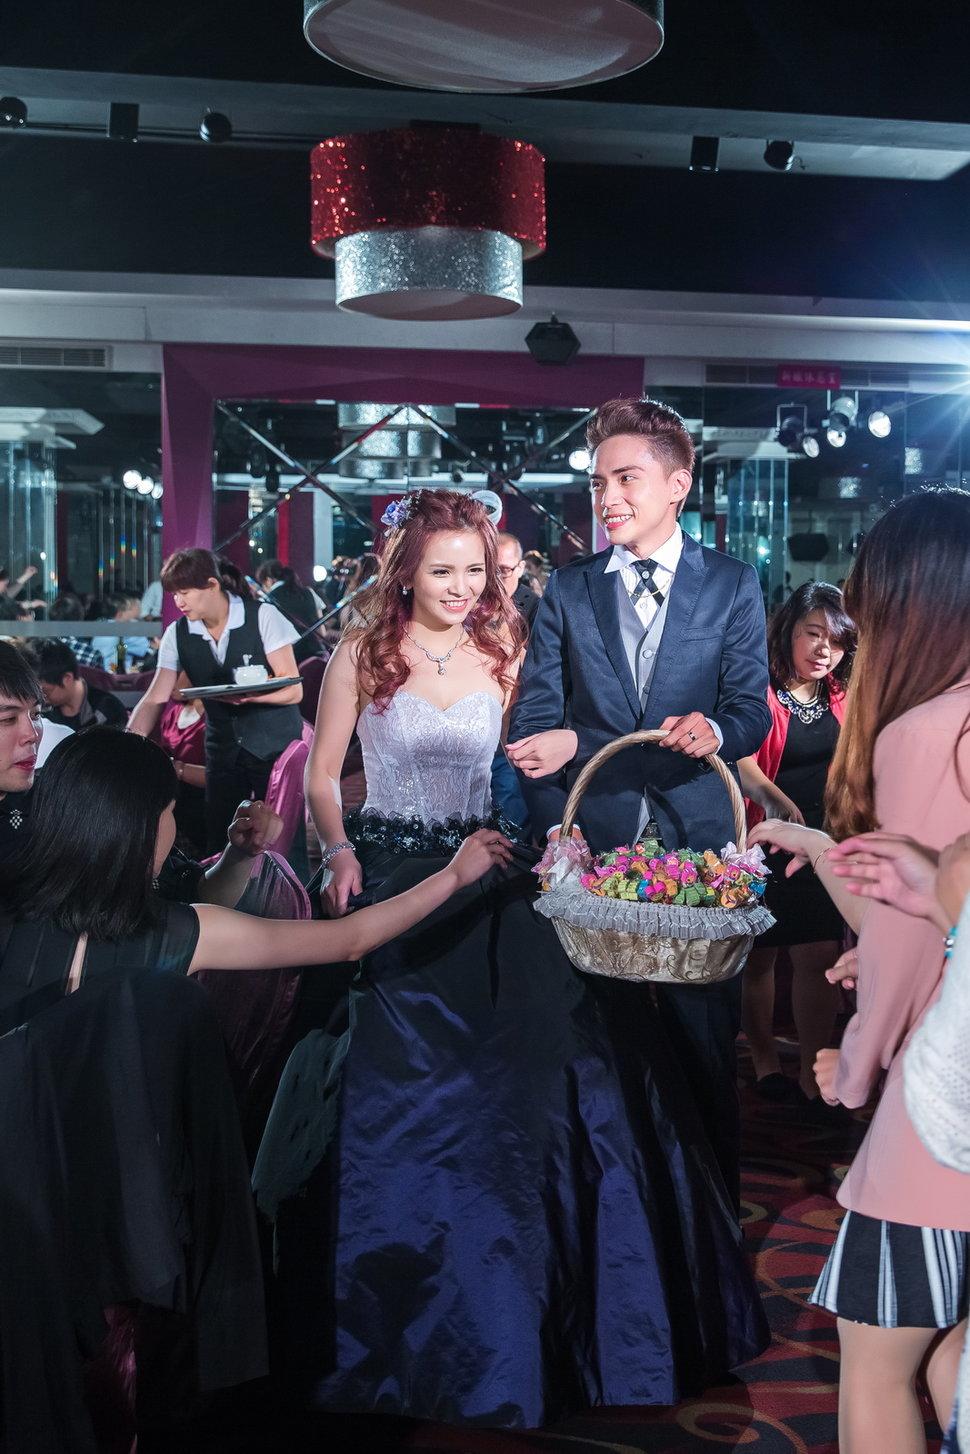 婚禮記錄-中和祥興水漾-婚攝阿卜(編號:433875) - 阿卜的攝影工作室 - 結婚吧